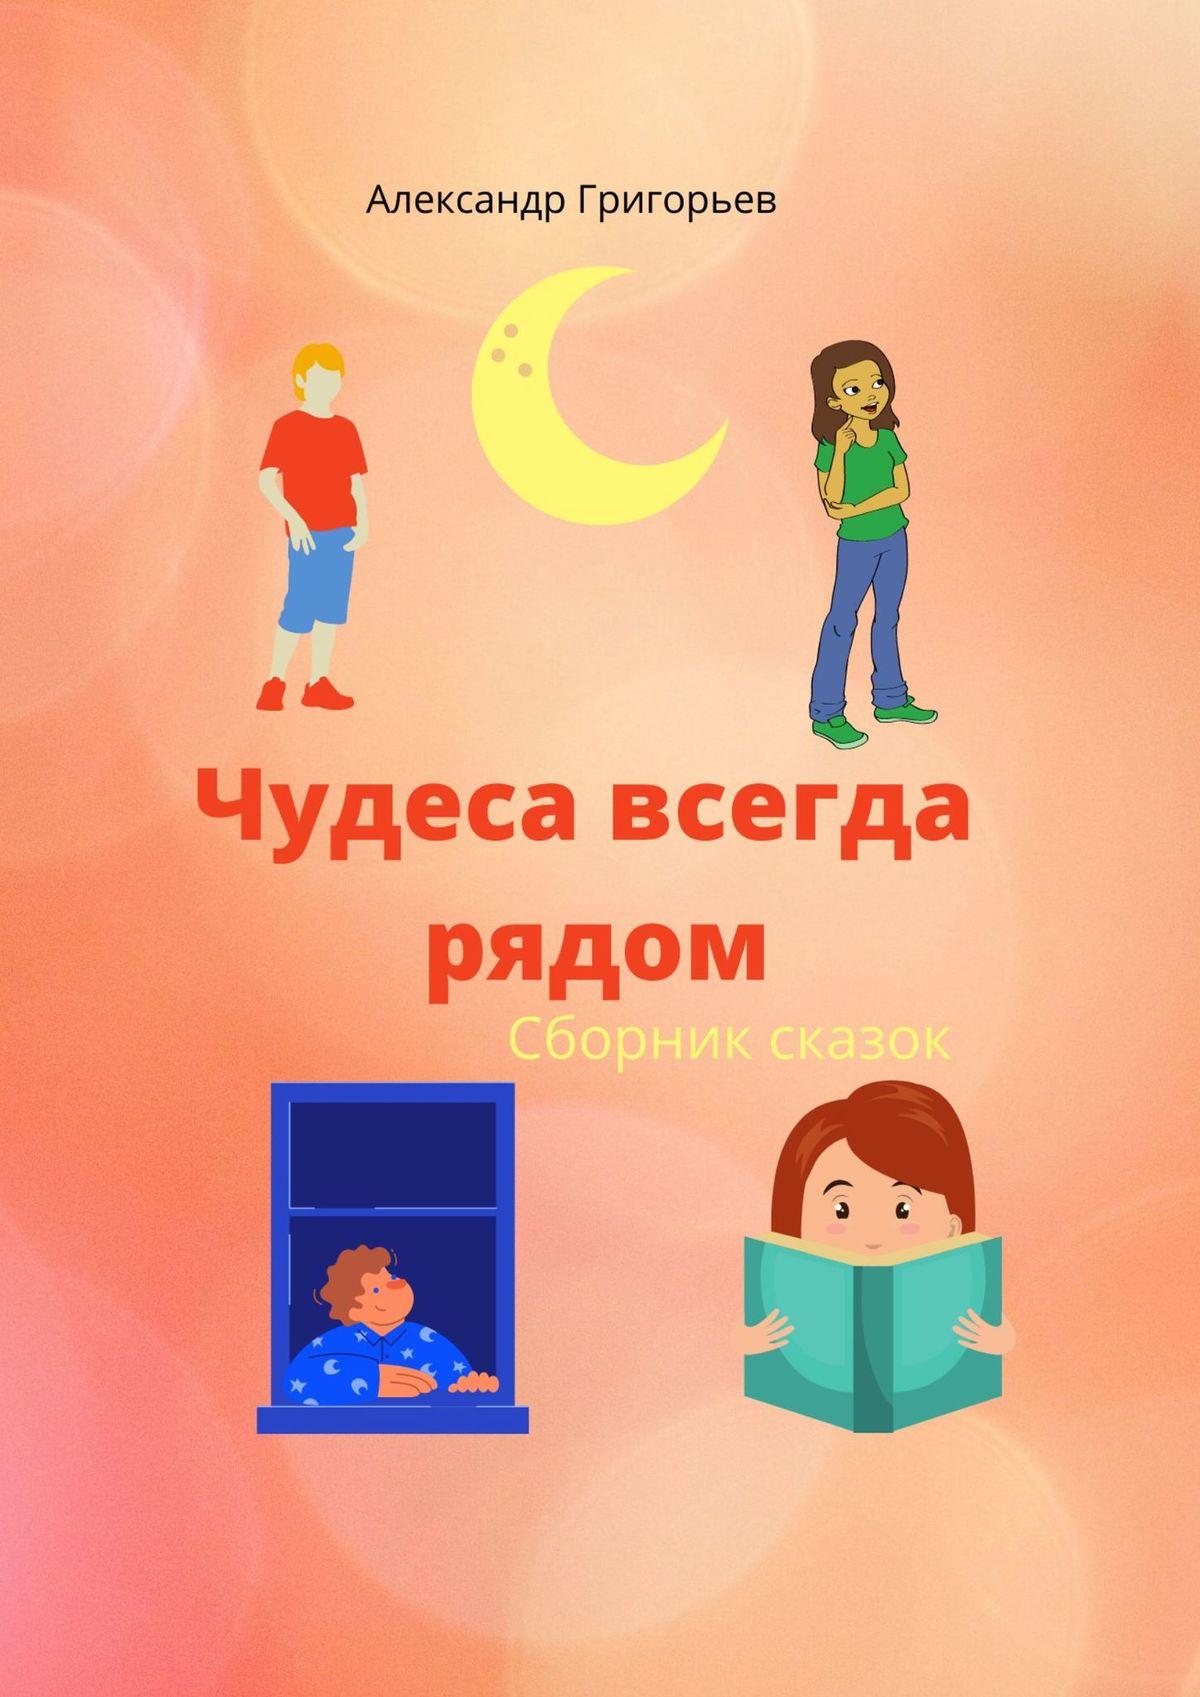 Александр Григорьев Чудеса всегда рядом